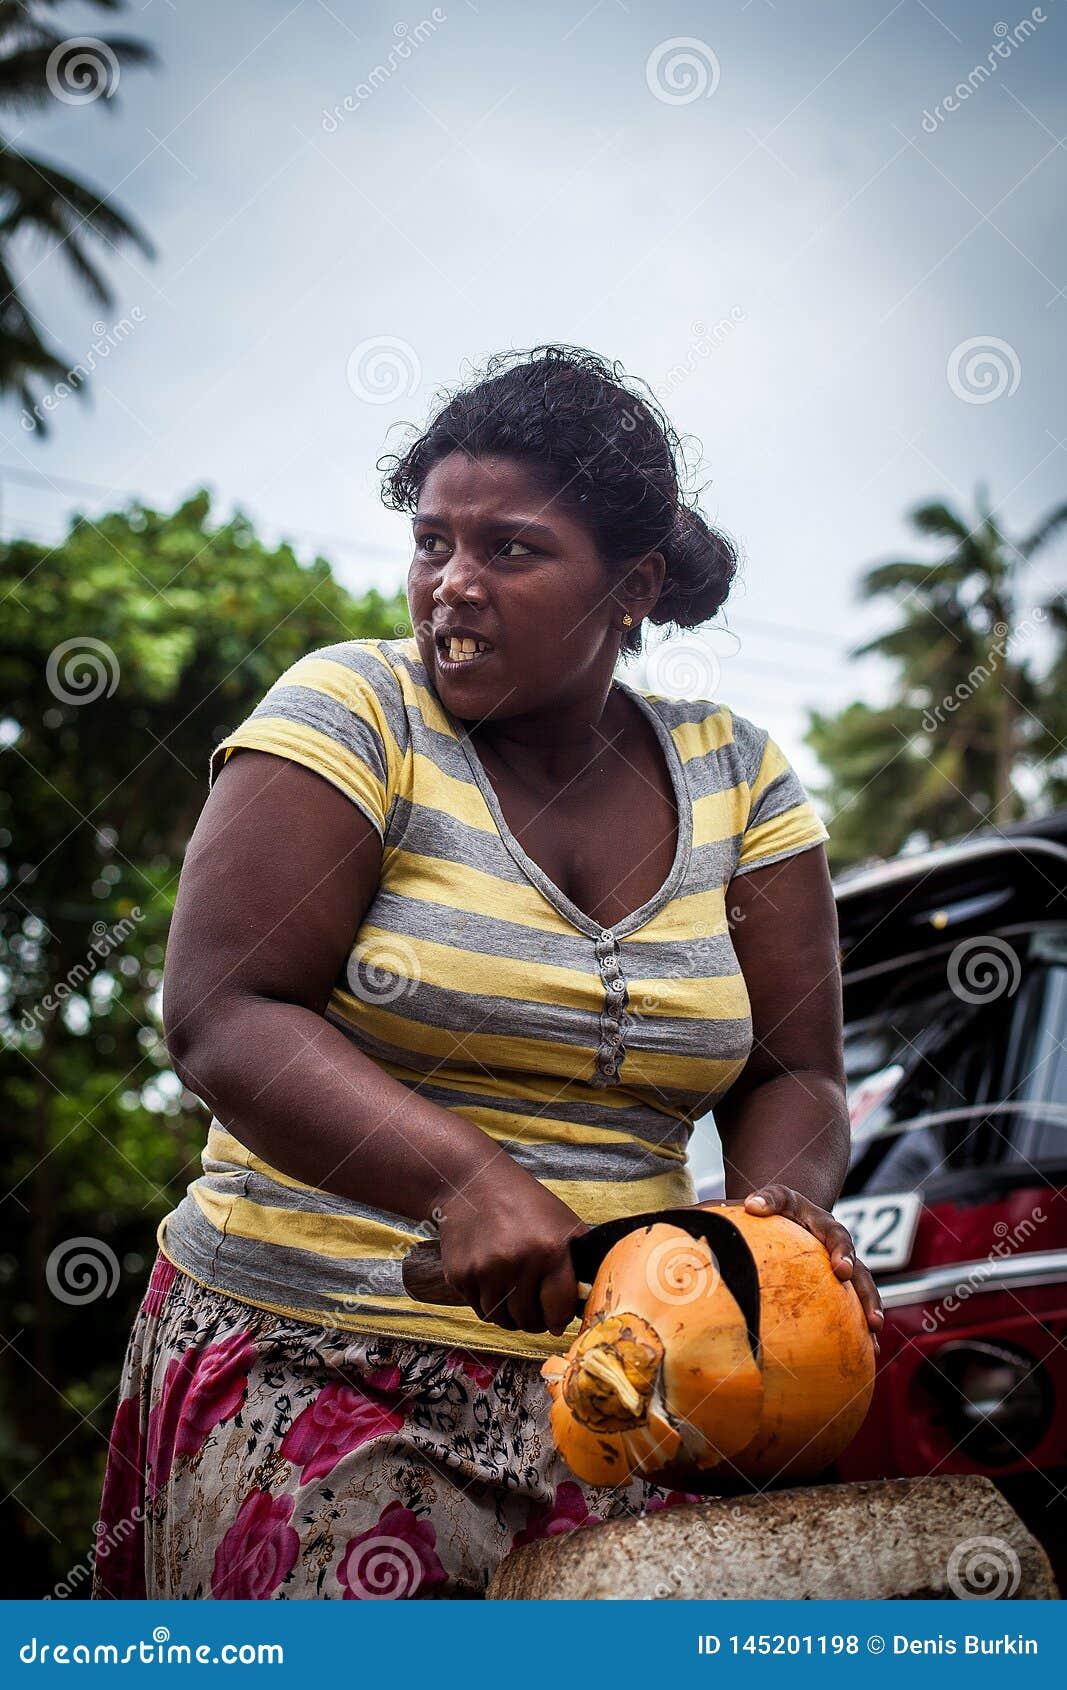 Μια σκοτεινός-ξεφλουδισμένη γυναίκα κόβει μια πορτοκαλιά καρύδα με έν